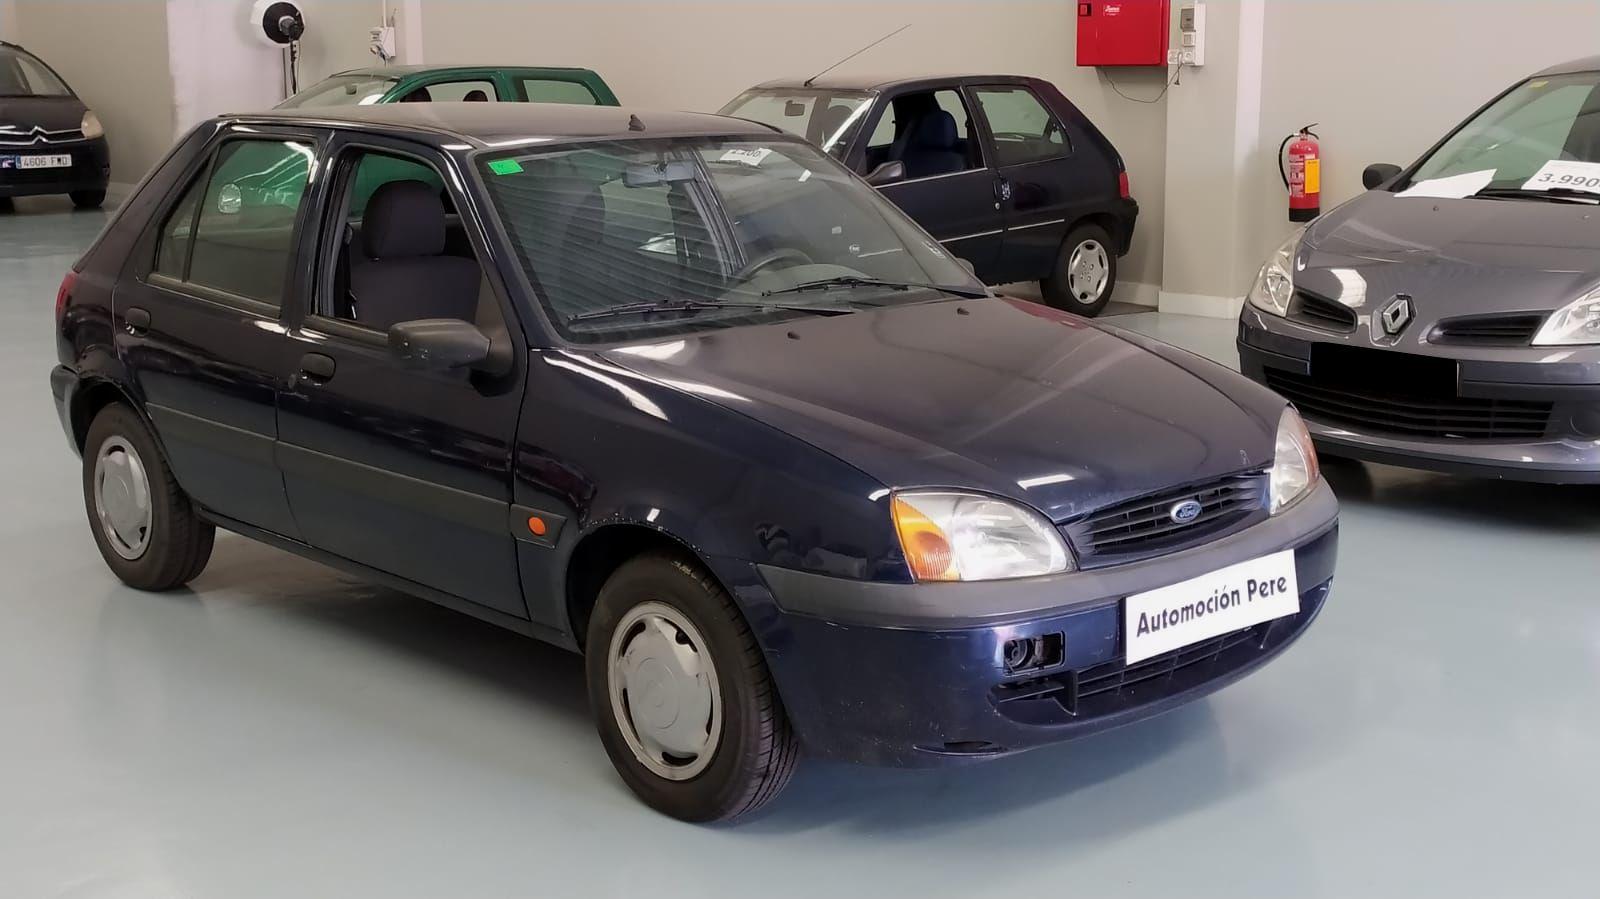 Nueva Recepción: Ford Fiesta 1.3i 60 CV Trend. Pocos Kms. Revisiones Selladas. Garantía 1 Año.